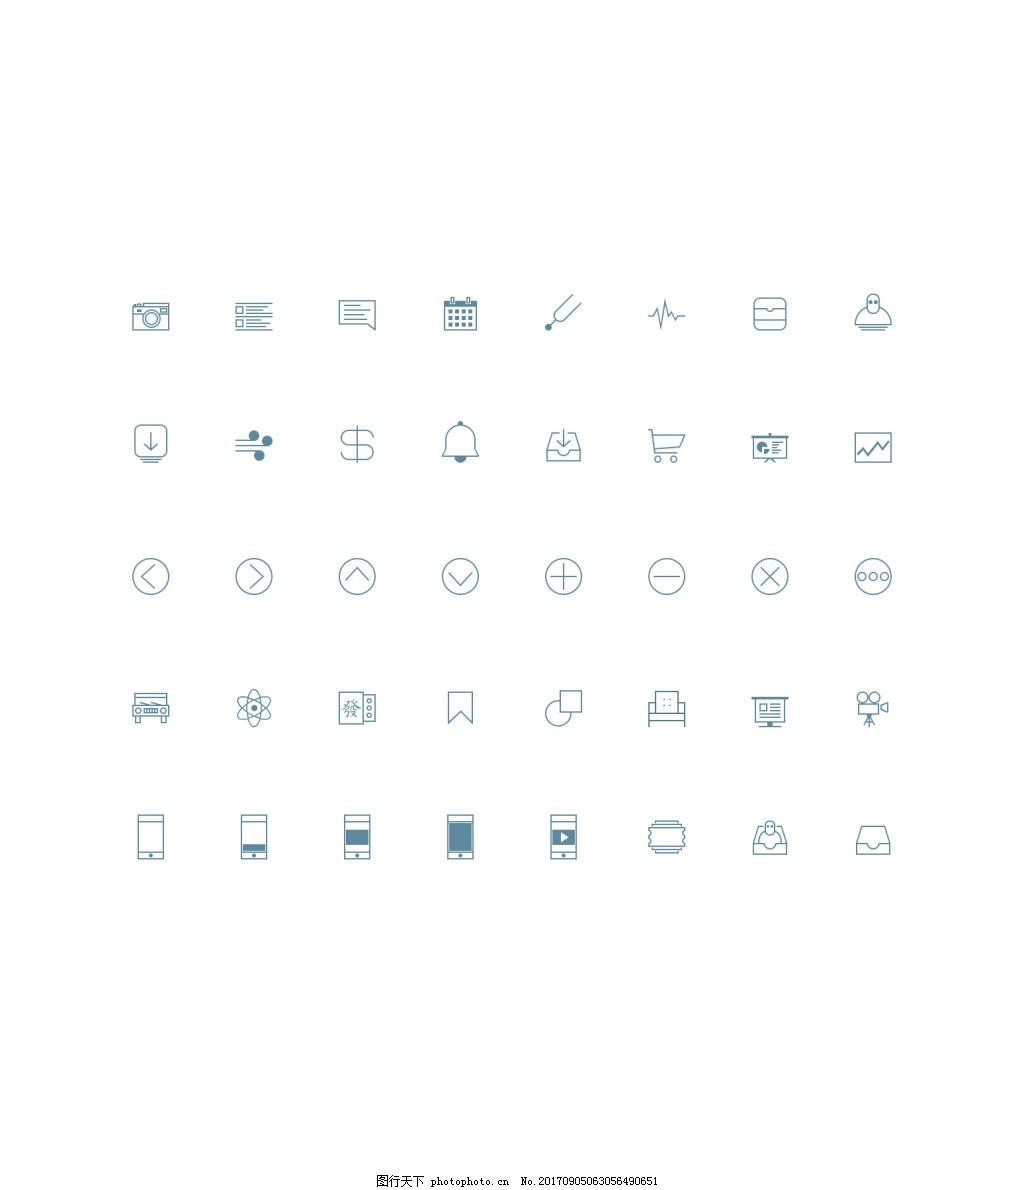 浅蓝的汽车UI矢量线条图标素材网页万向节ug绘制图片